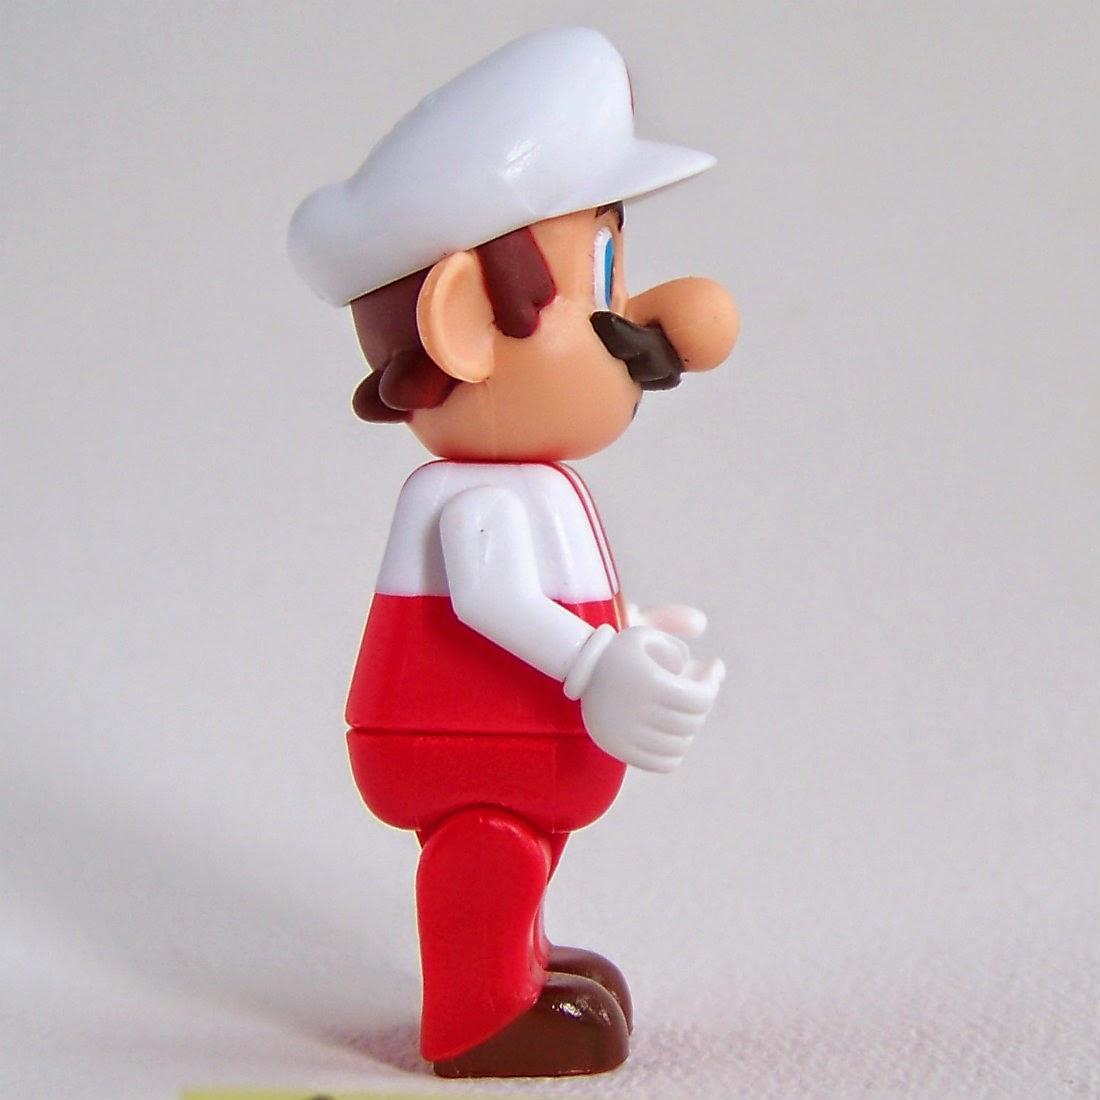 Knex Super Mario